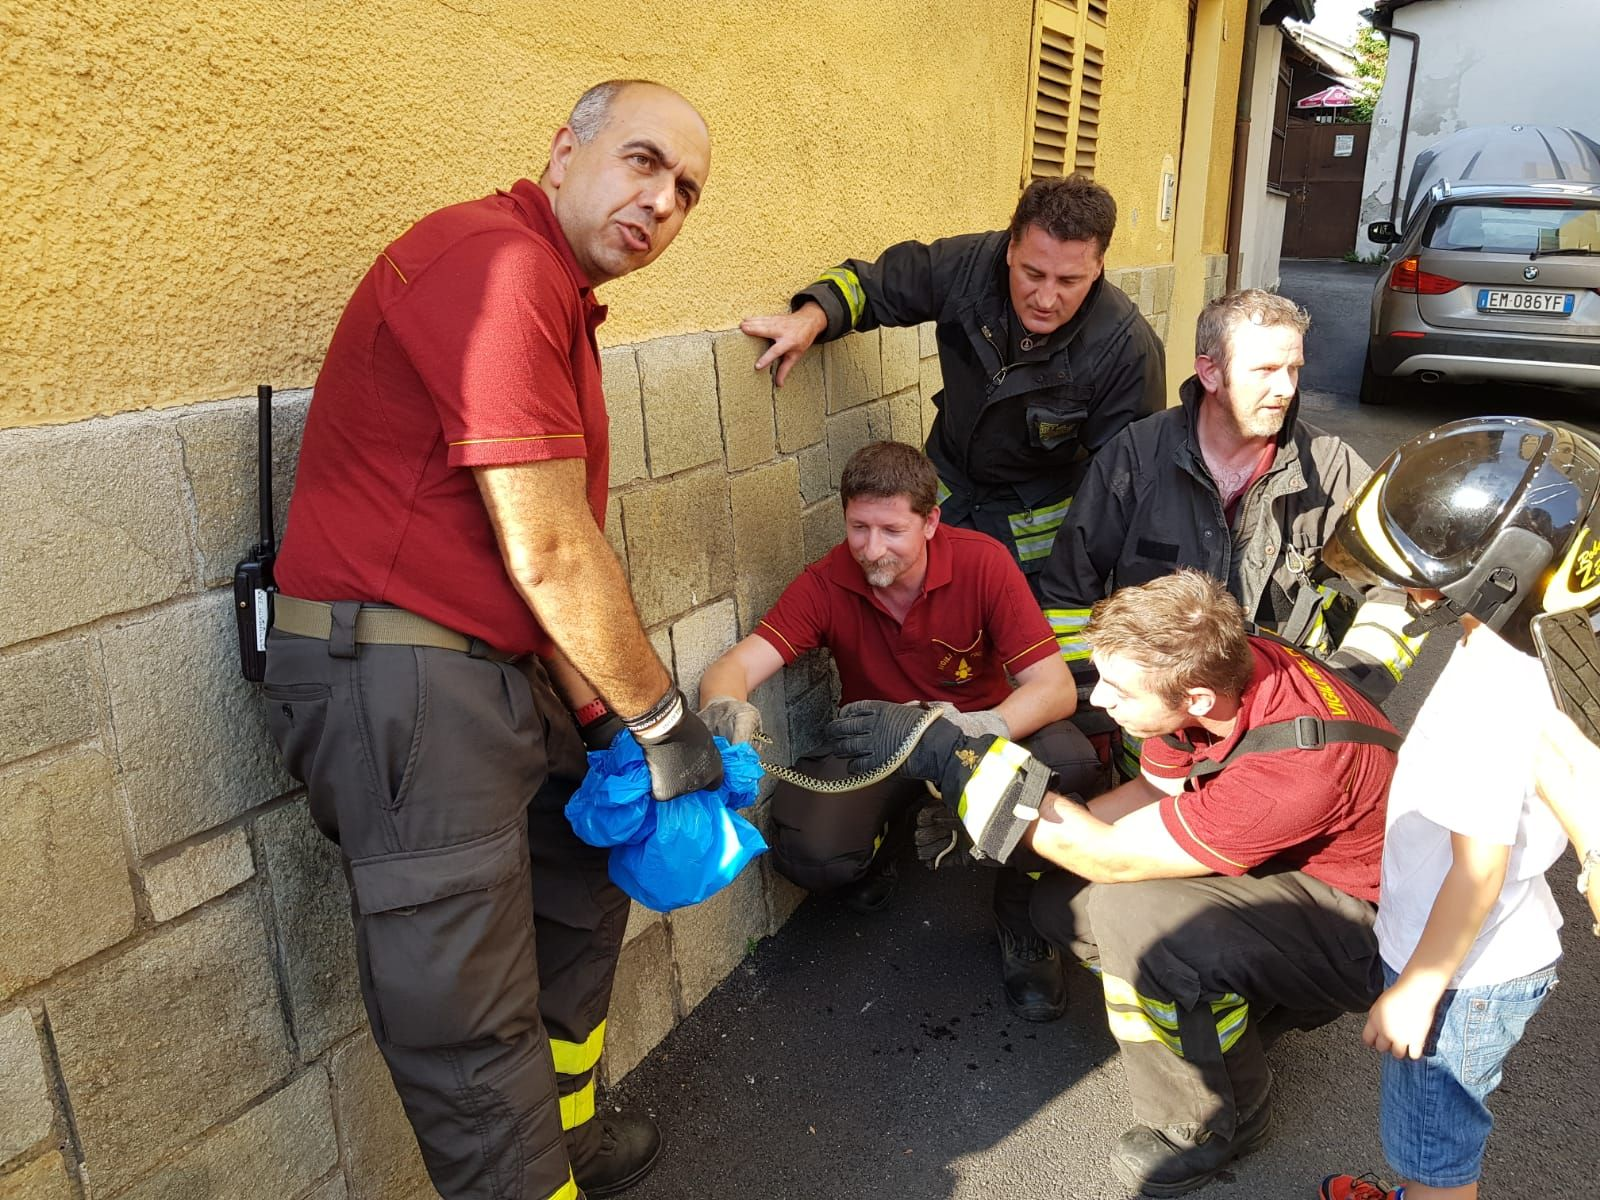 FAVRIA - Un serpente sbuca dal motore dell'auto: recuperato dai vigili del fuoco - FOTO e VIDEO